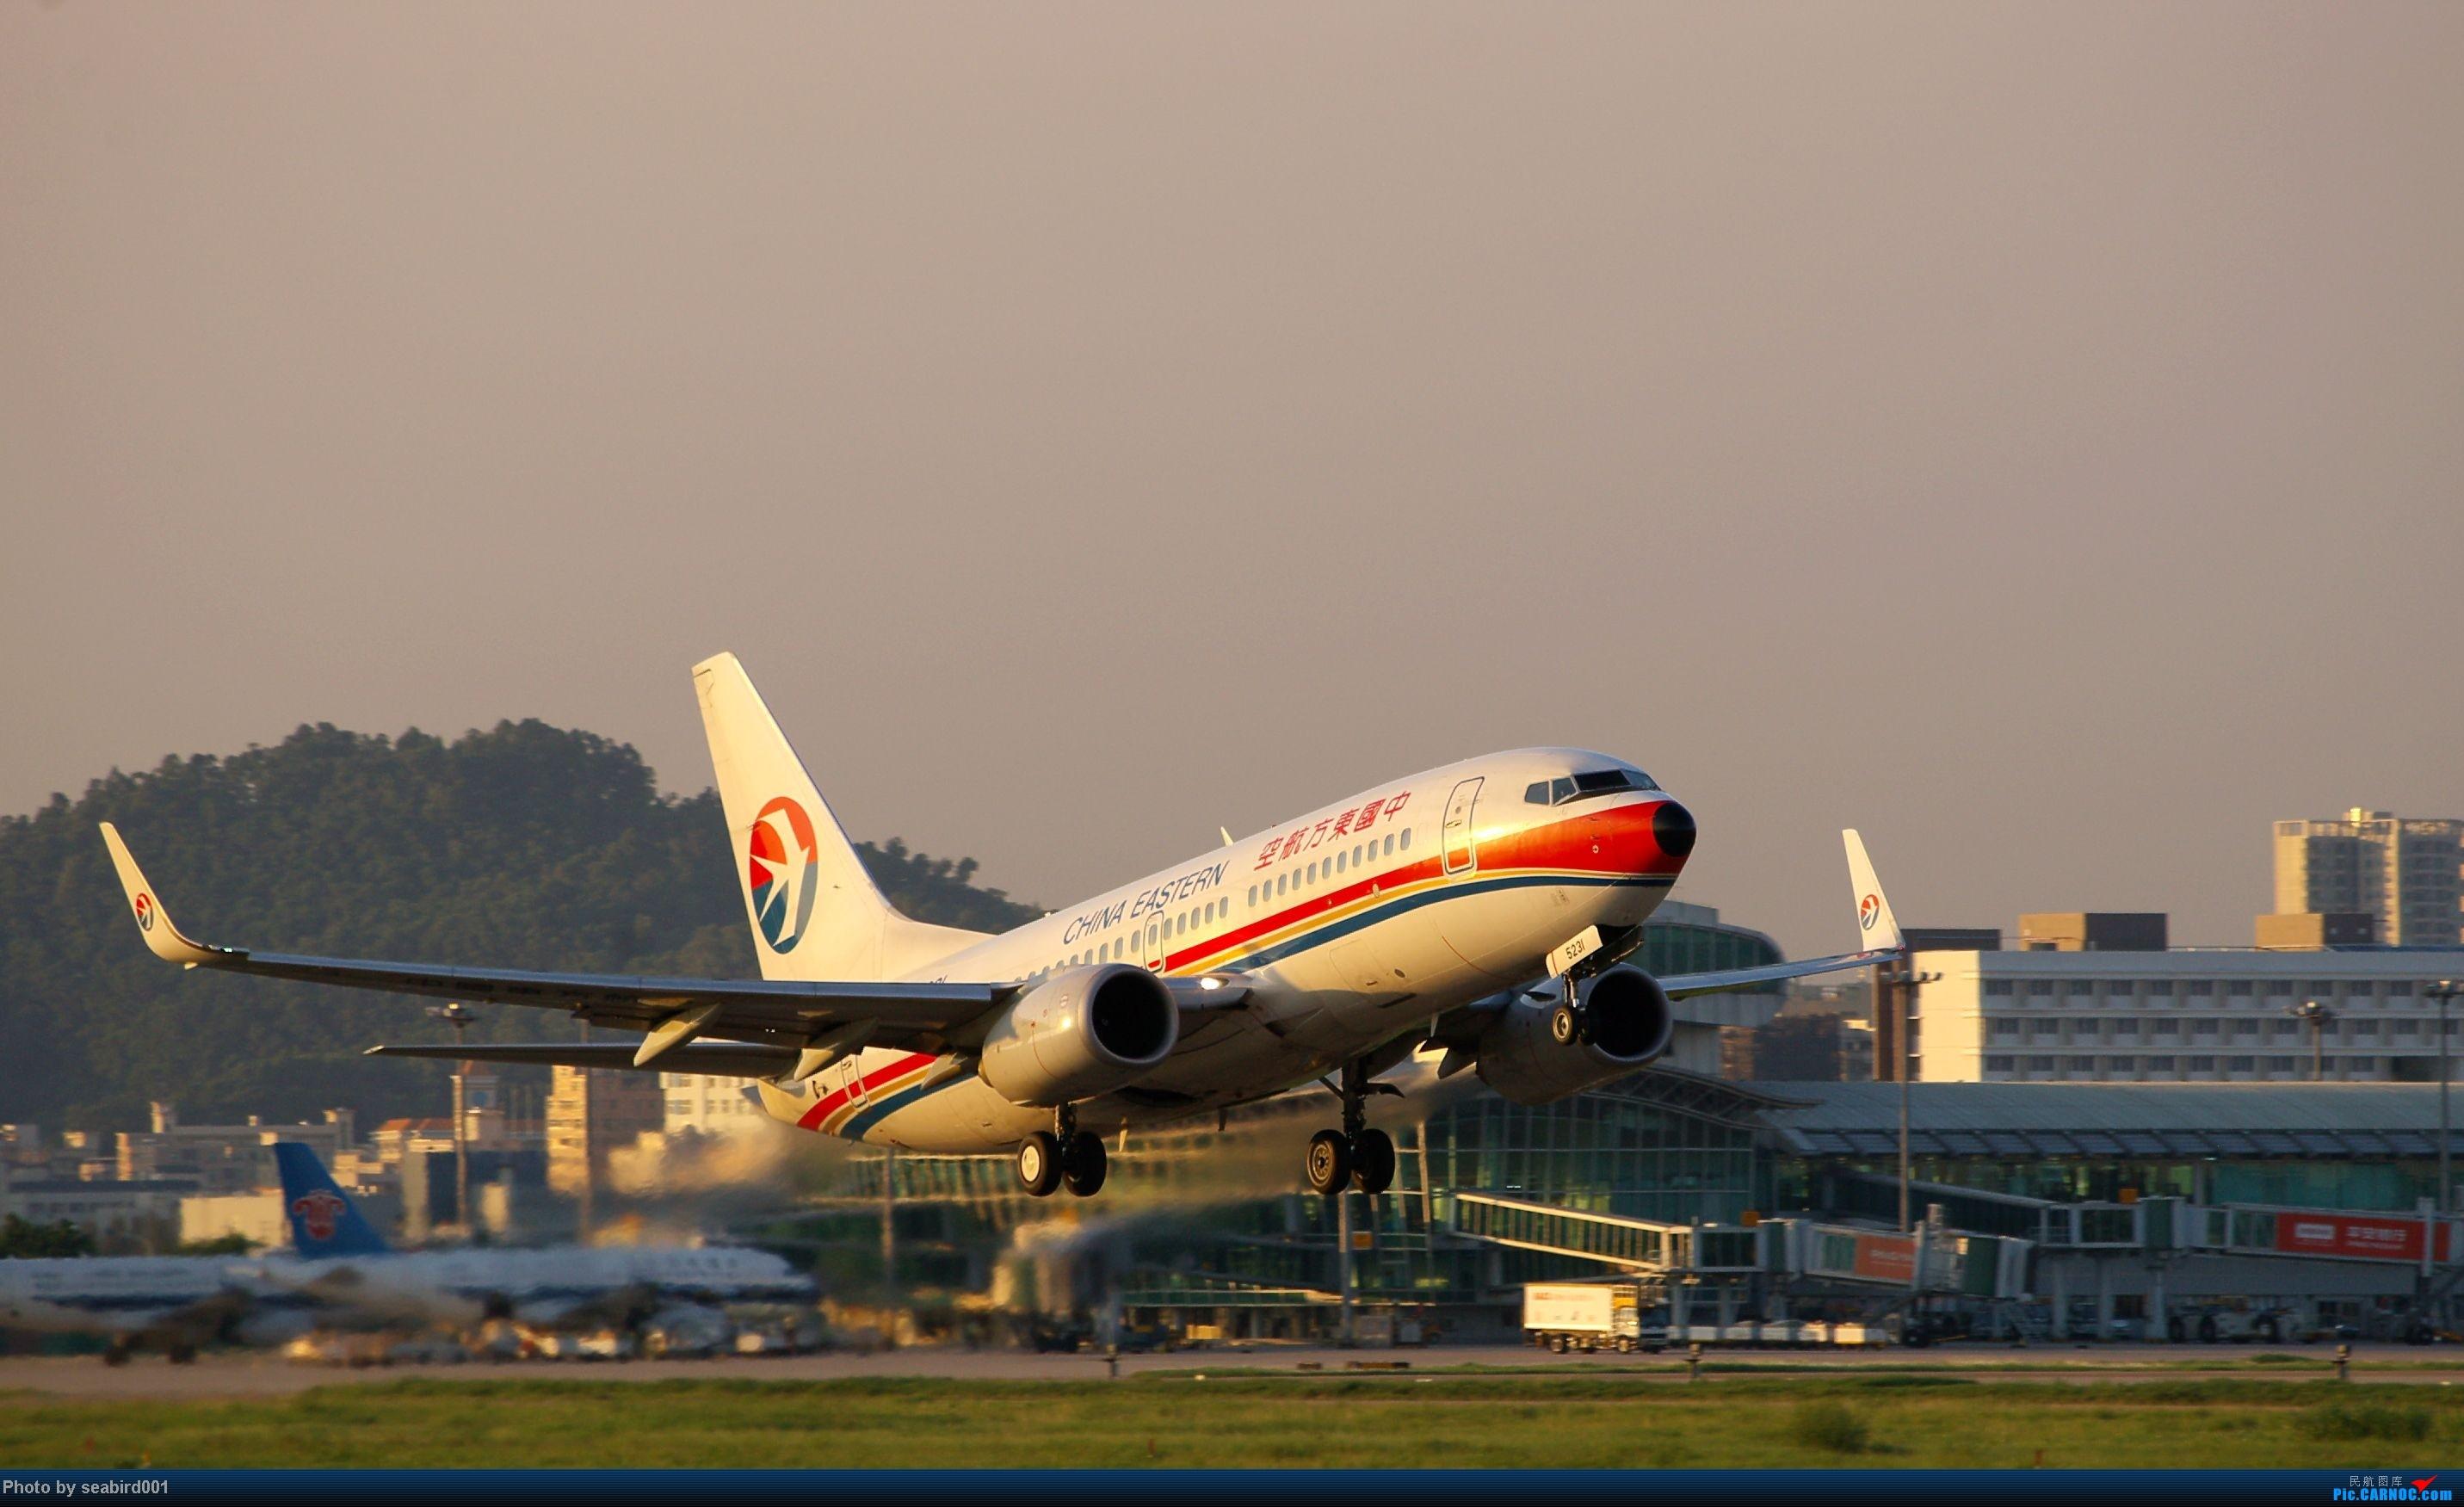 (深圳飞友会)一天一图。 BOEING 737-700 B-5231 中国深圳宝安机场